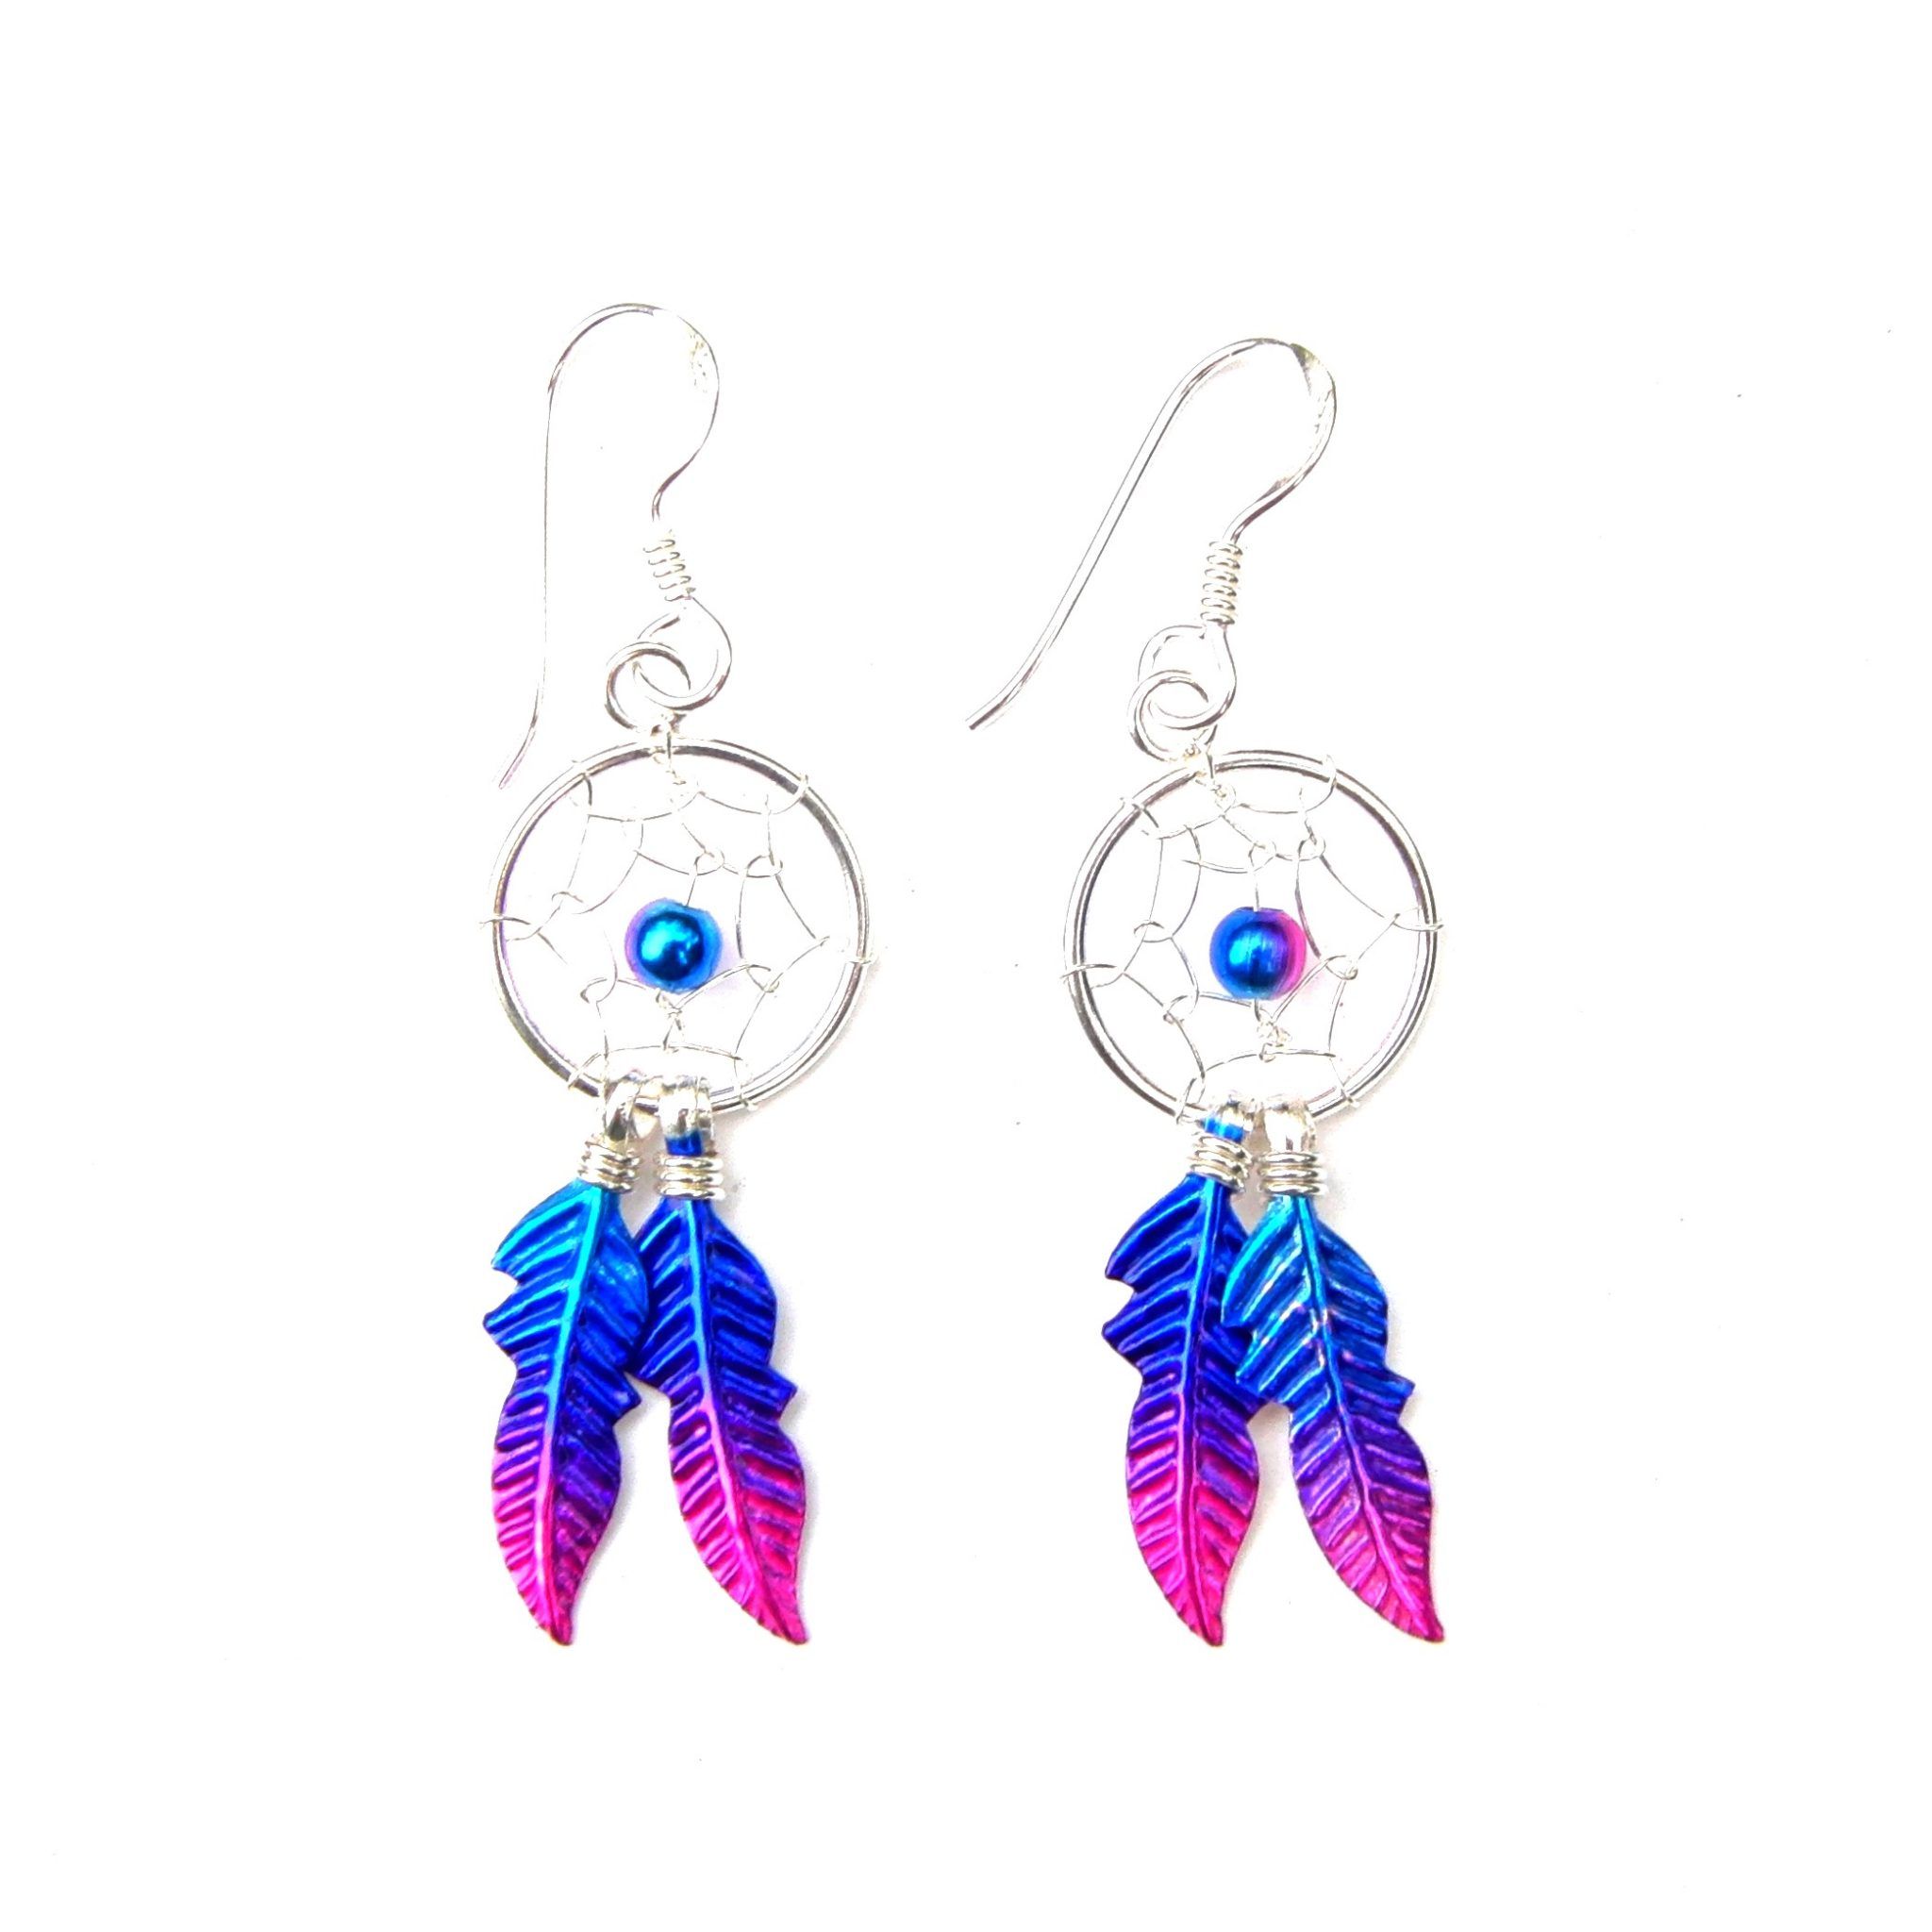 Beautiful Dainty Magenta Dreamcatcher Earrings